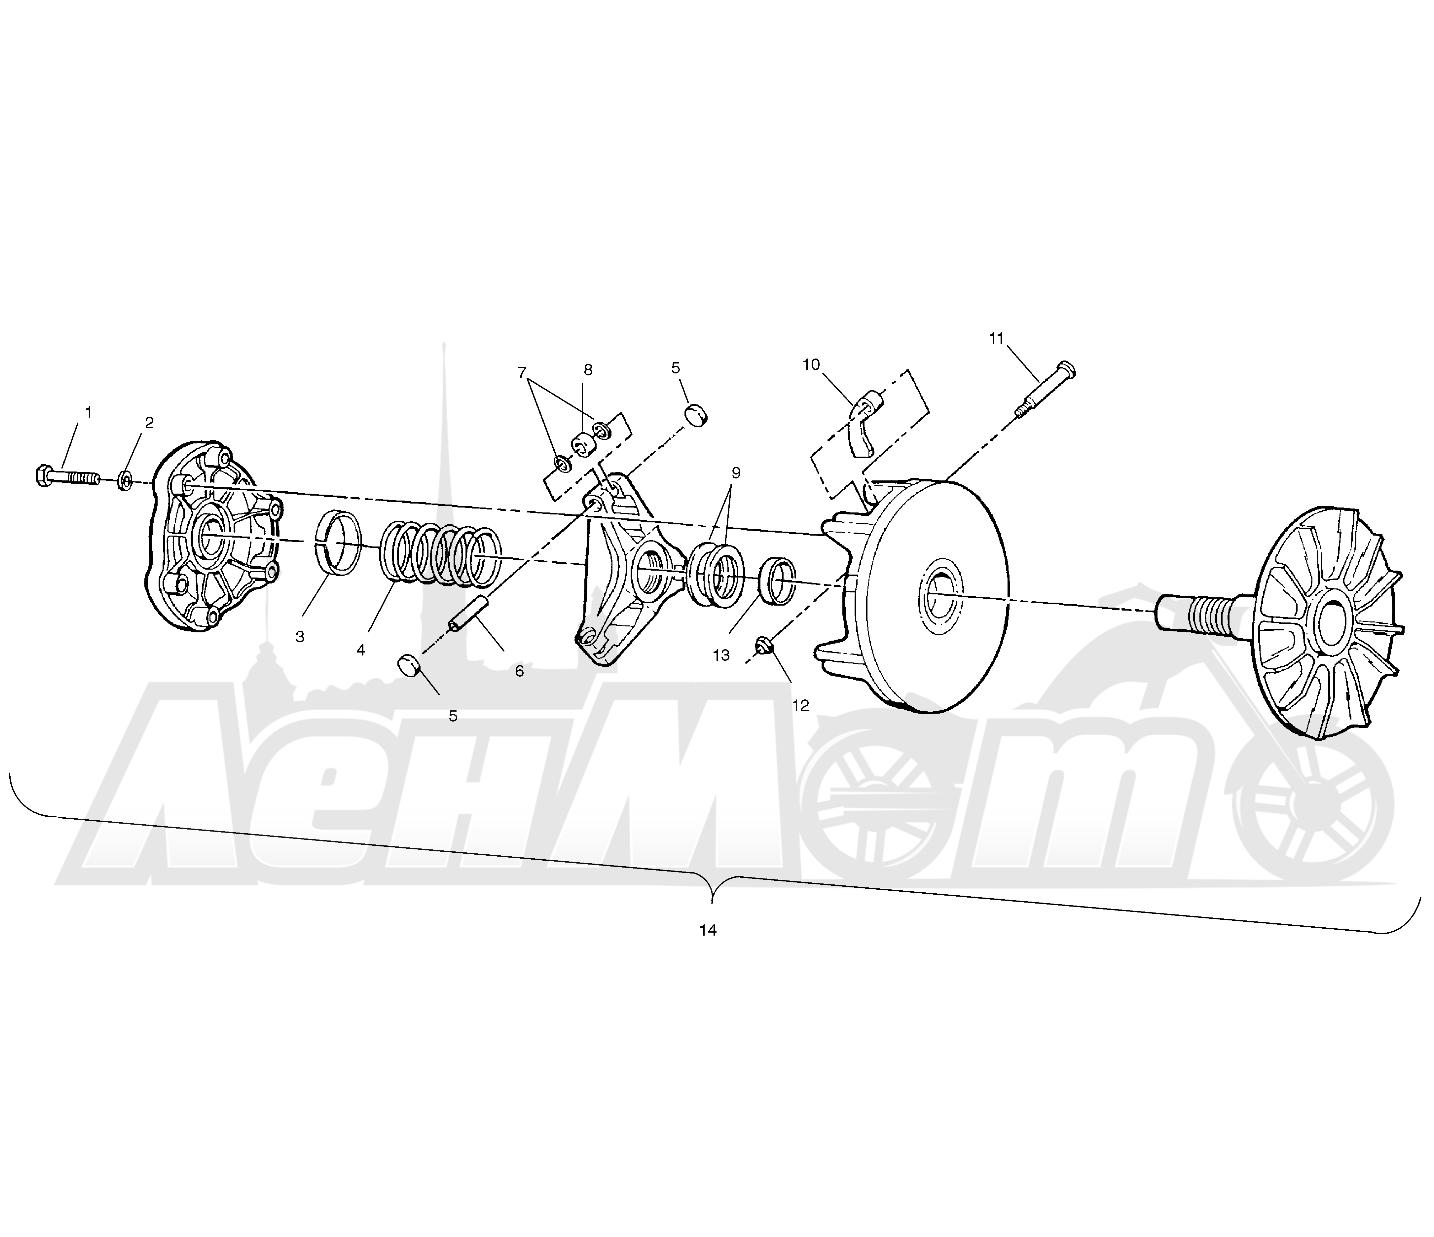 Запчасти для Квадроцикла Polaris 1997 SPORTSMAN 500 - W97CH50A Раздел: DRIVE CLUTCH - W97CH50A | ведущий вариатор W97CH50A